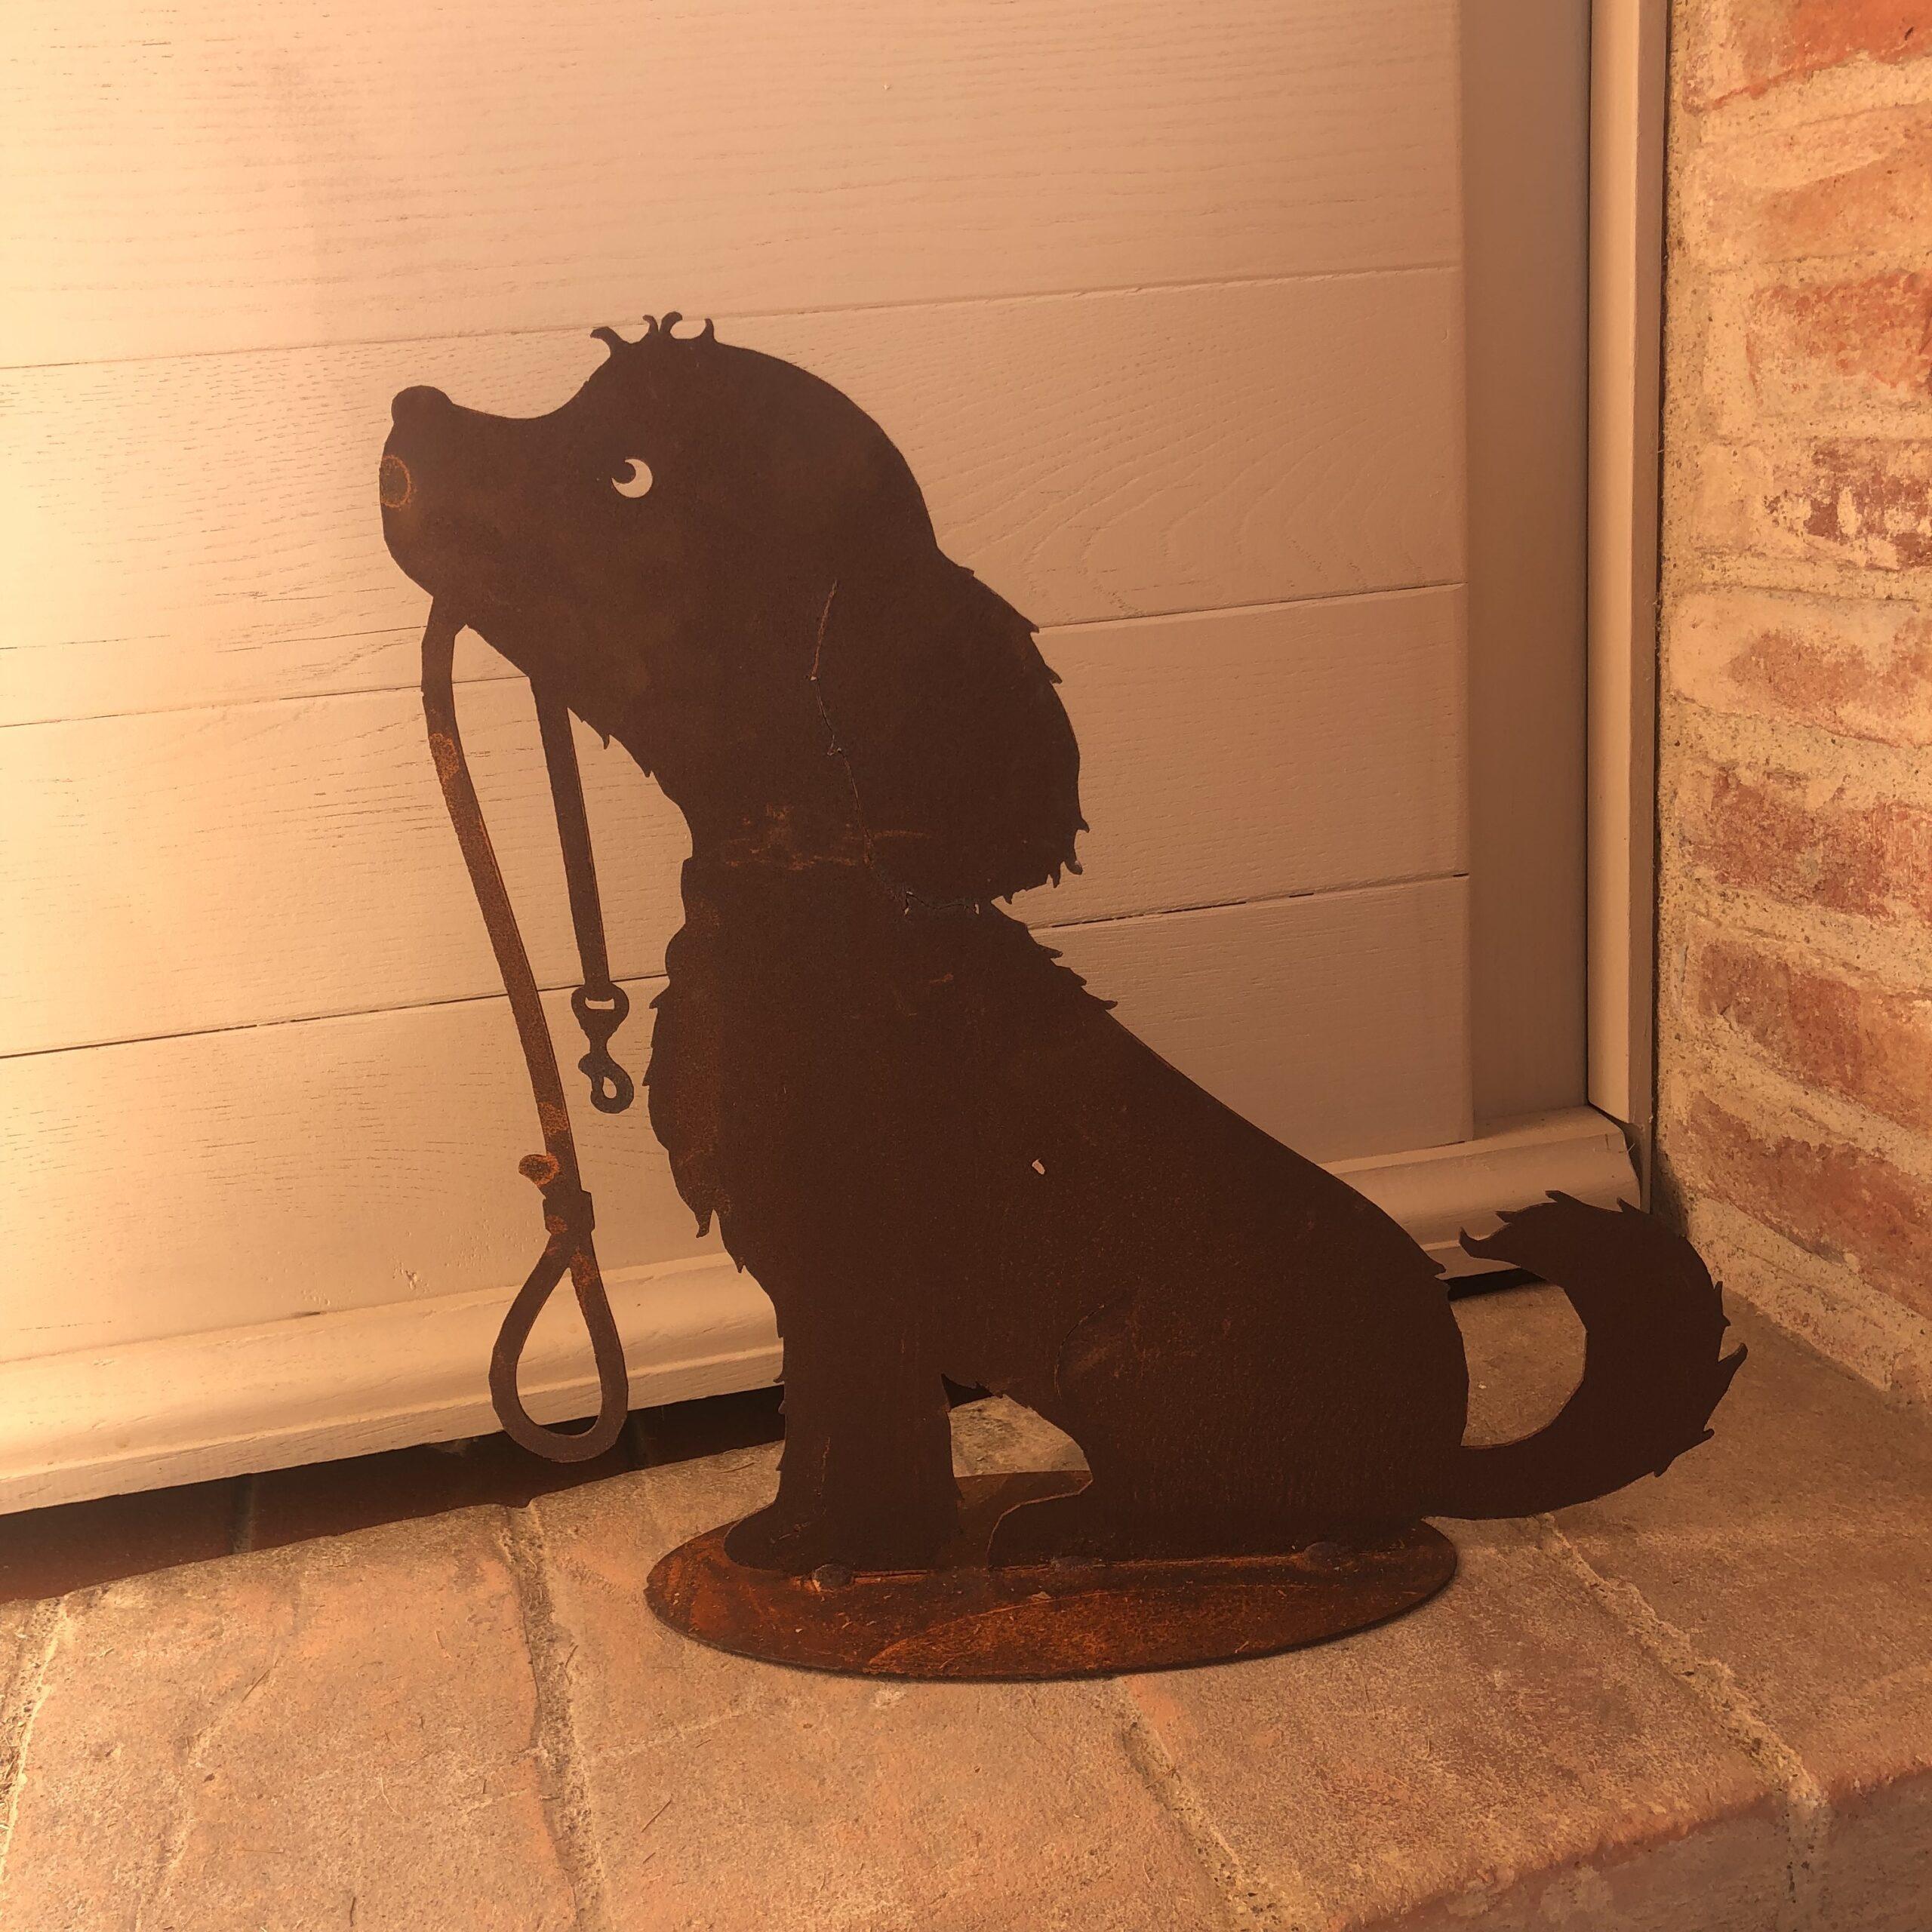 Decoro cagnolino in metallo arrugginito